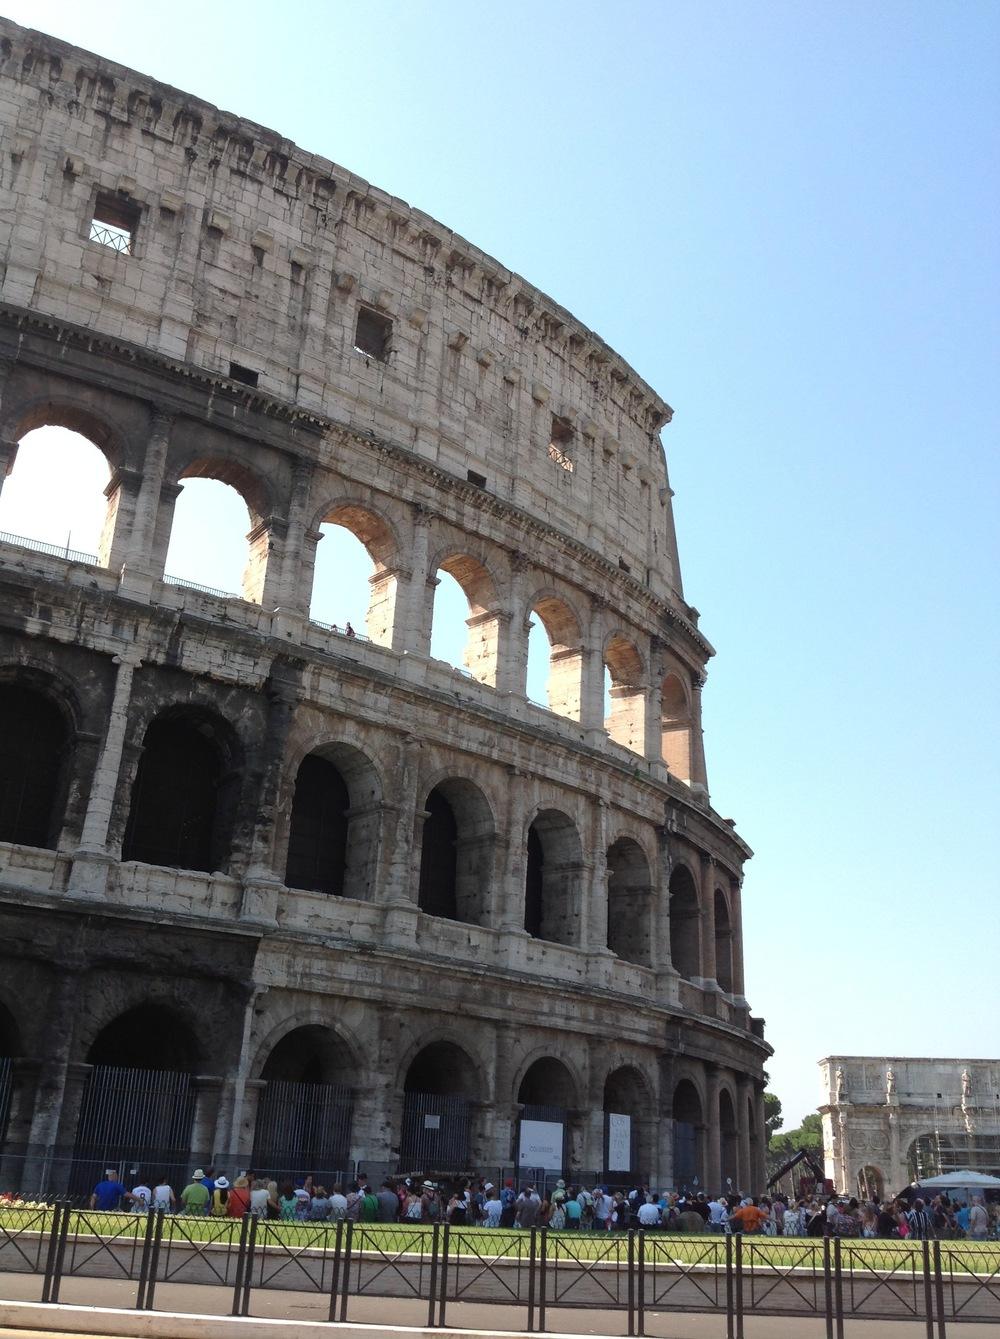 Il Colosseo (The — truly colossal — Colosseum); 70 C.E.